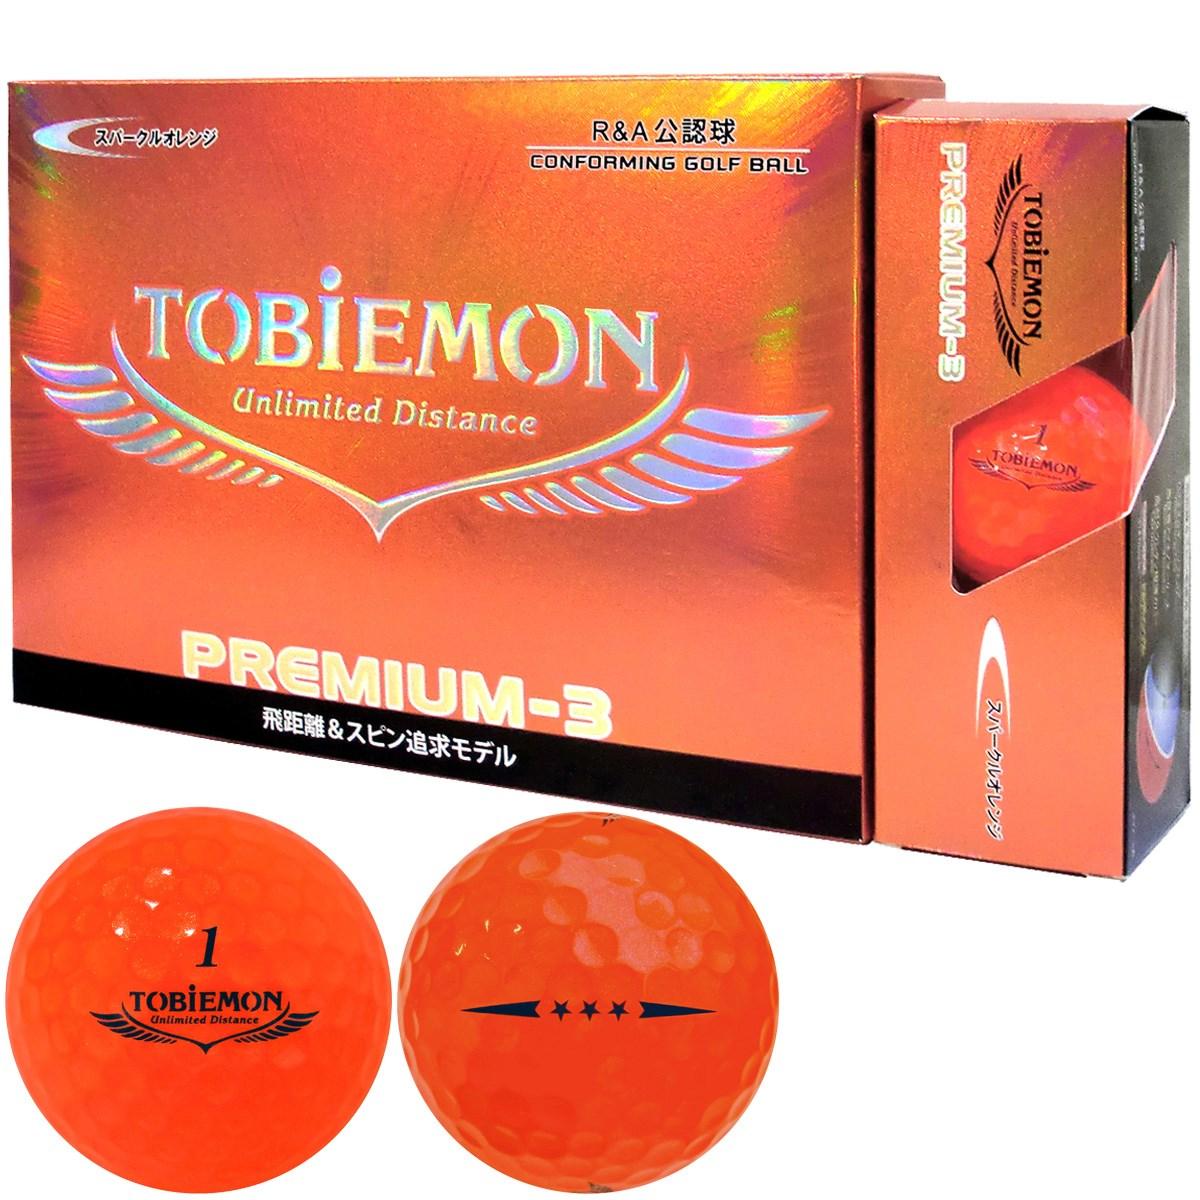 飛衛門 TOBIEMON プレミアム スリー ボール 1ダース(12個入り) スパークルオレンジ